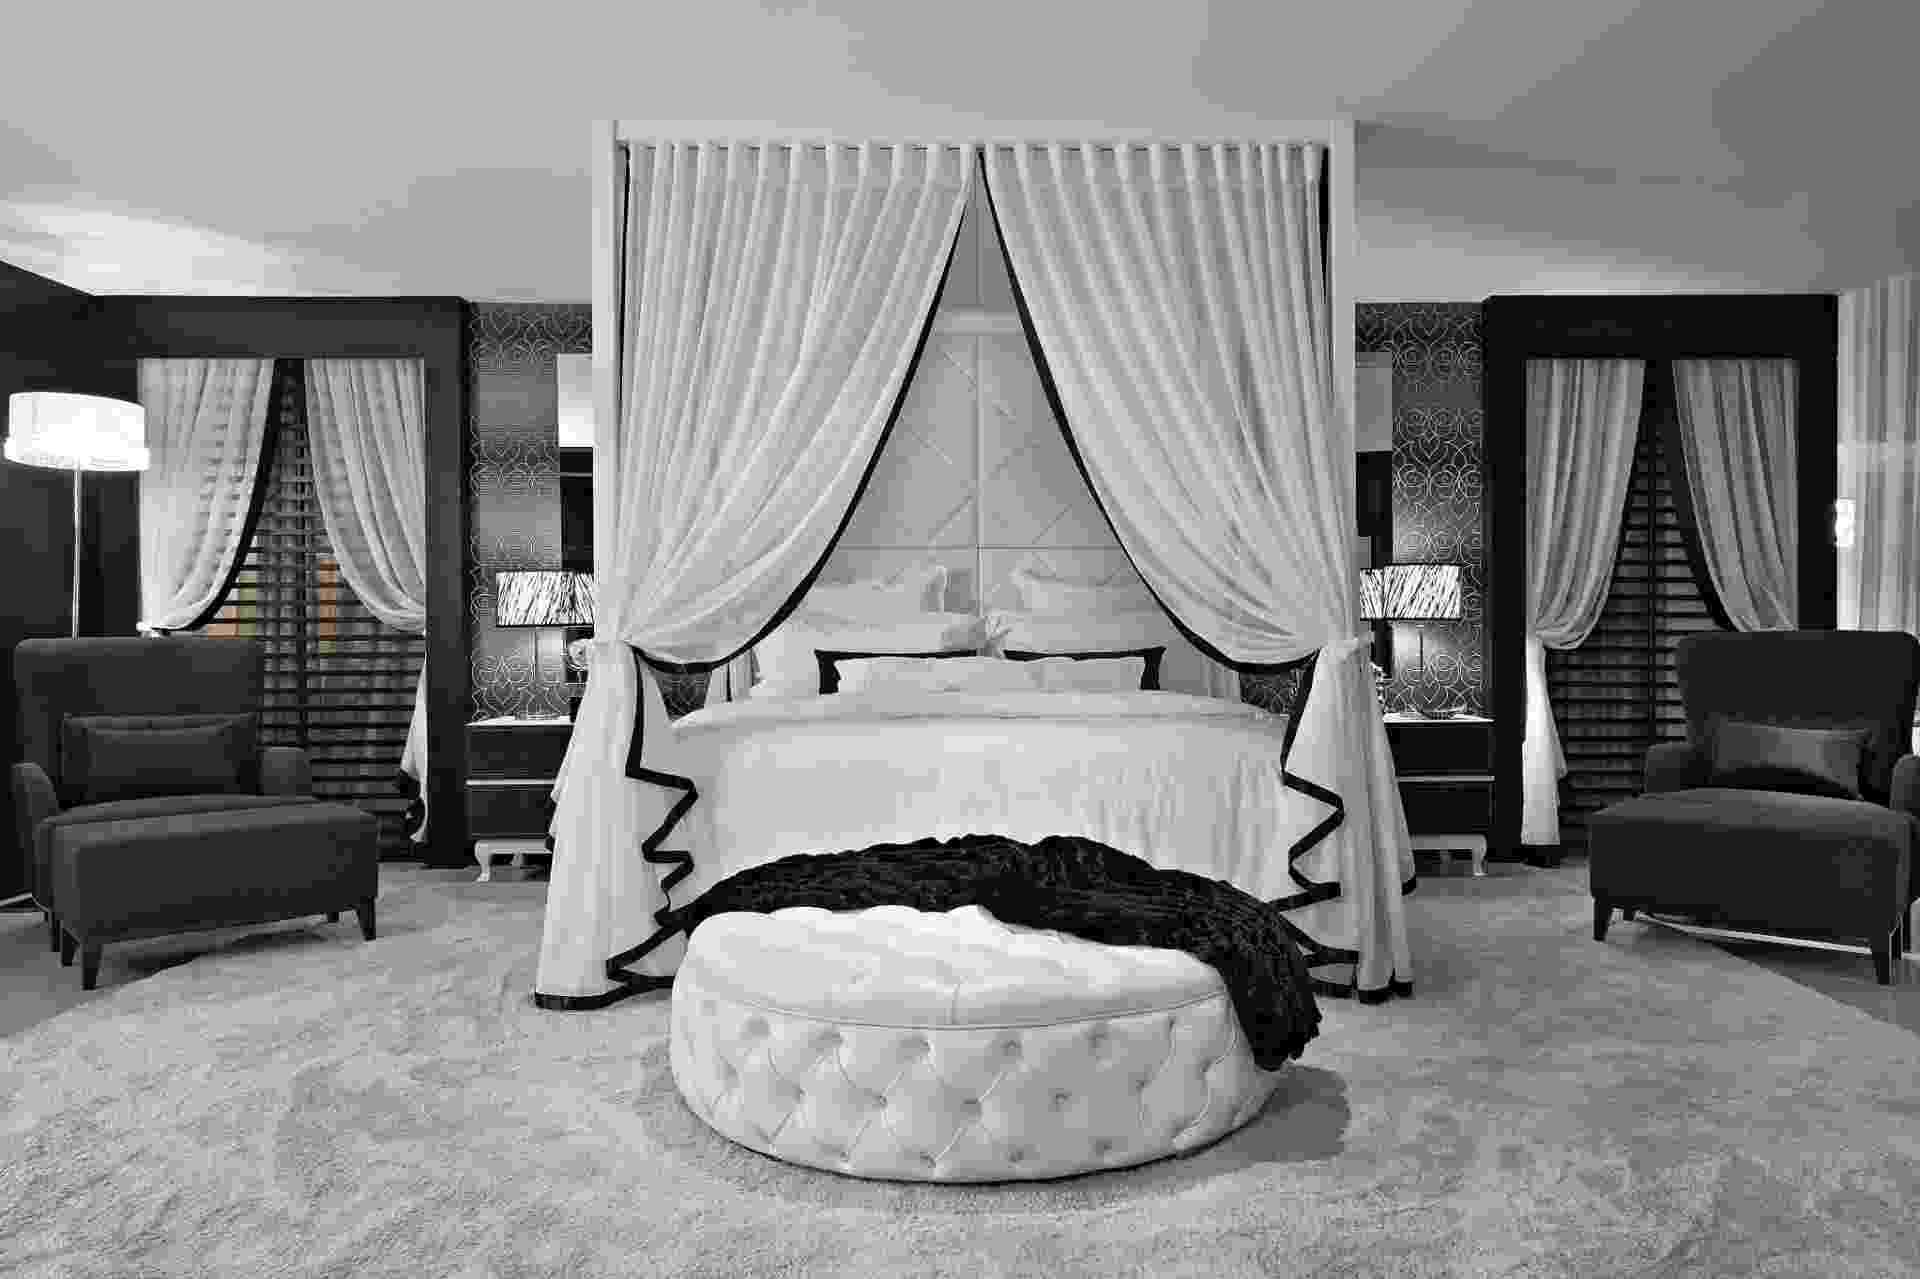 """Inspirado no filme """"O Artista"""", o quarto de casal, projetado pelo arquiteto Max Mello, tem atmosfera requintada. A cama com dossel foi fabricada em madeira laqueada branca e as cortinas de linho arrematadas com seda preta - Jomar Bragança/Divulgação"""